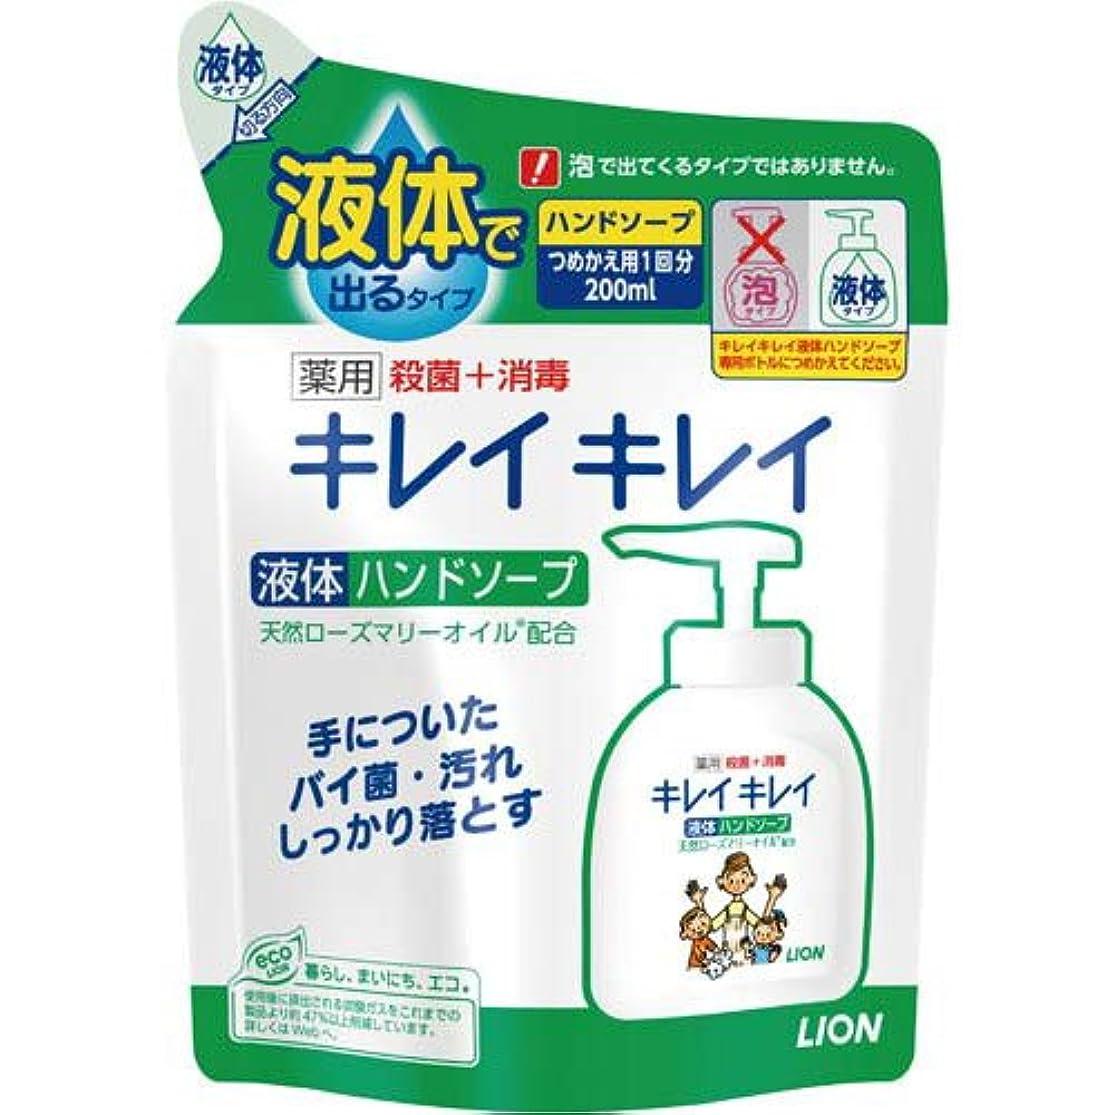 収穫長さ内訳ライオン キレイキレイ薬用ハンドソープ 詰替用200ml×5